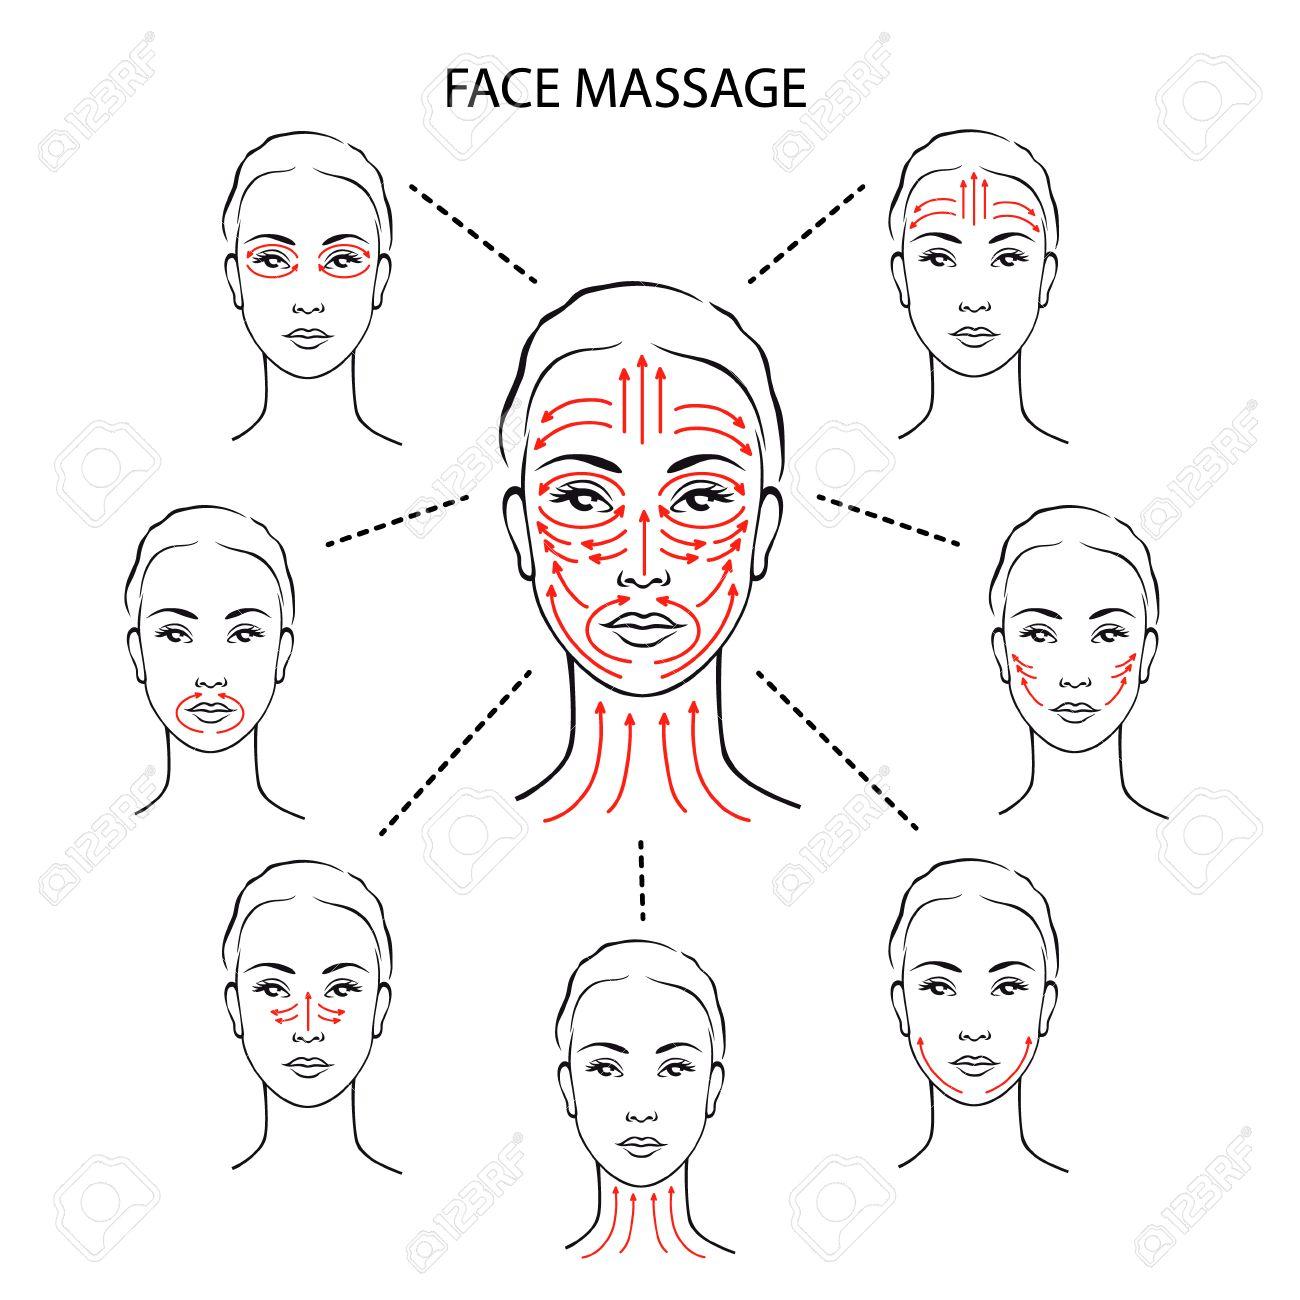 Set Of Face Massage Instructions Isolated On White Background